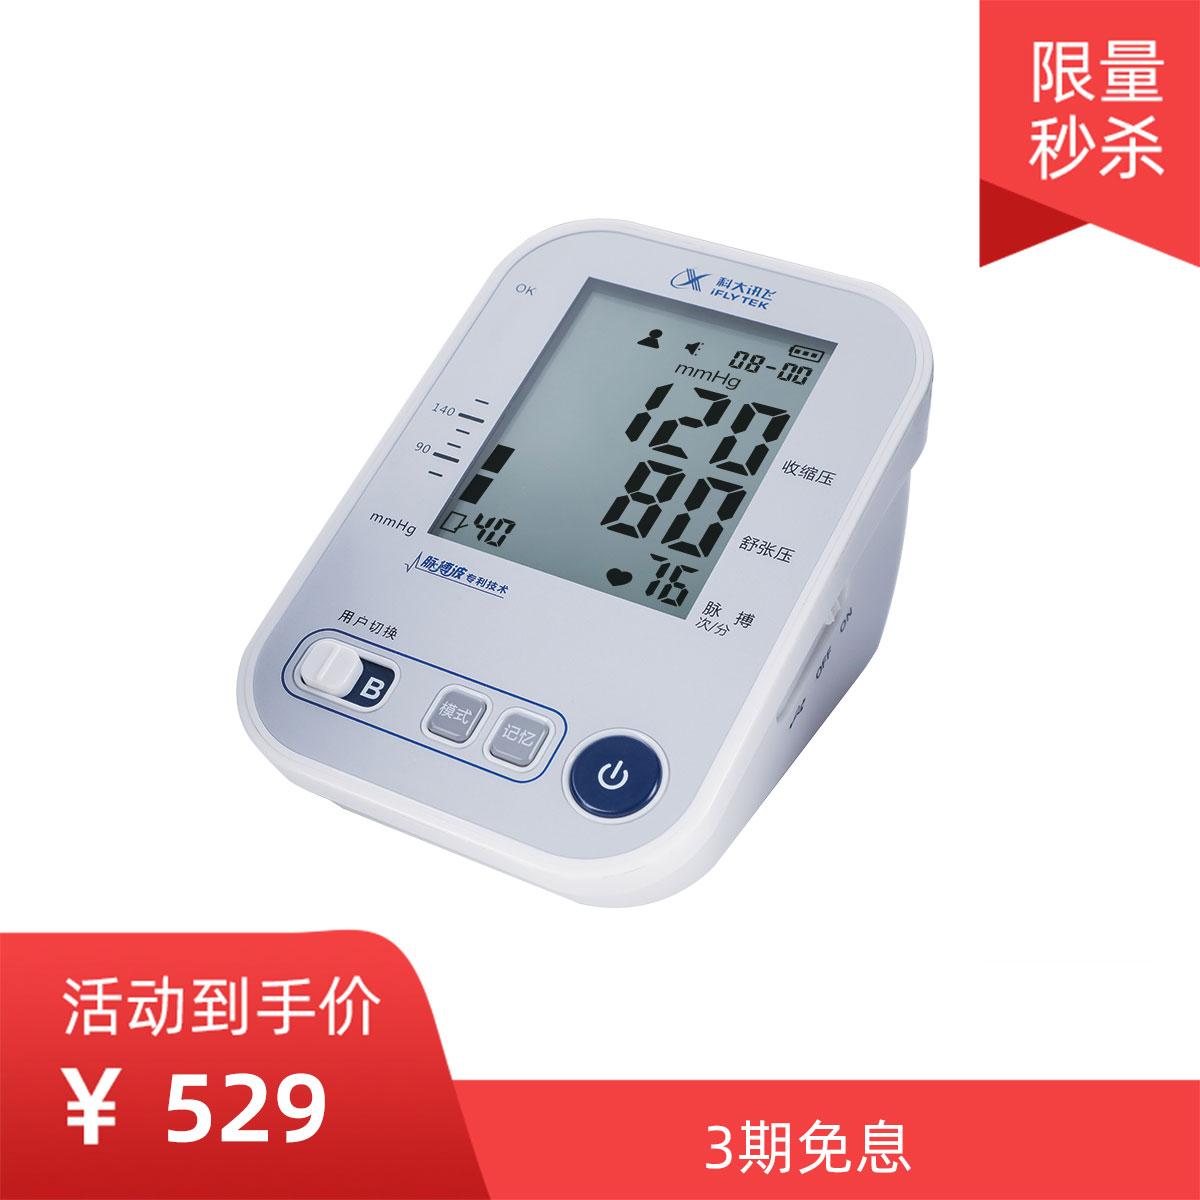 【限量秒杀】AI智能血压计 脉...